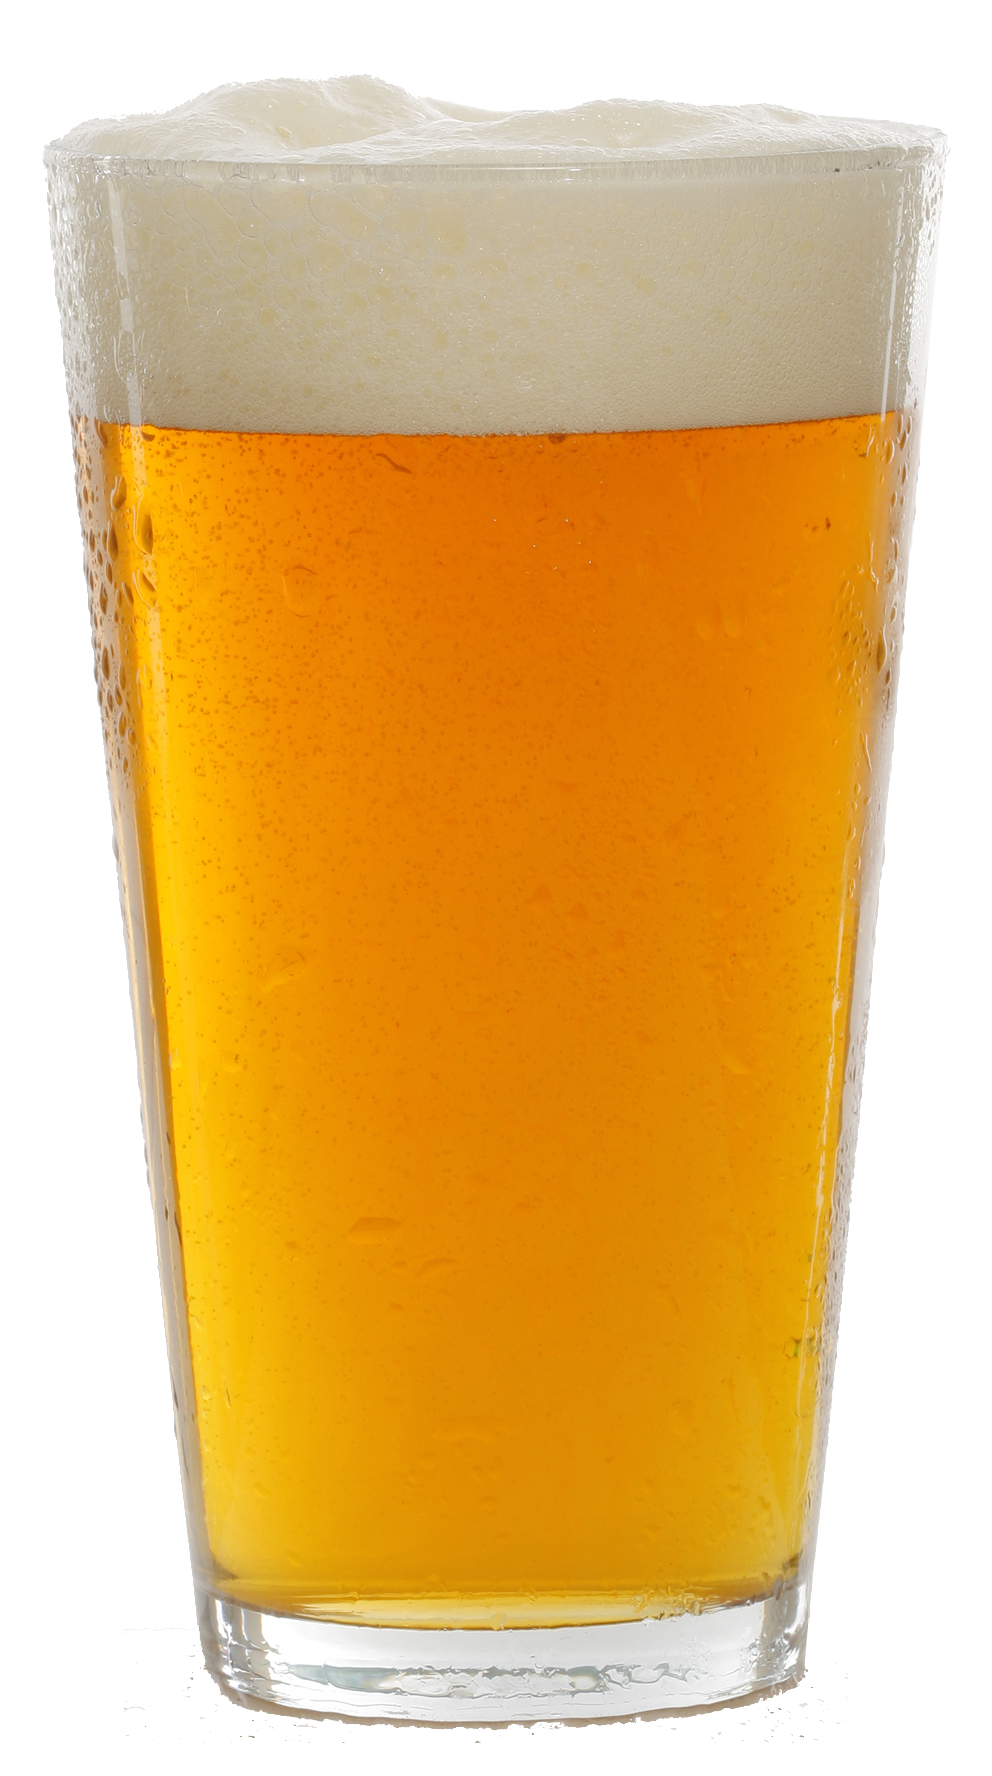 beer_PNG2376.png Beer, Pint of beer